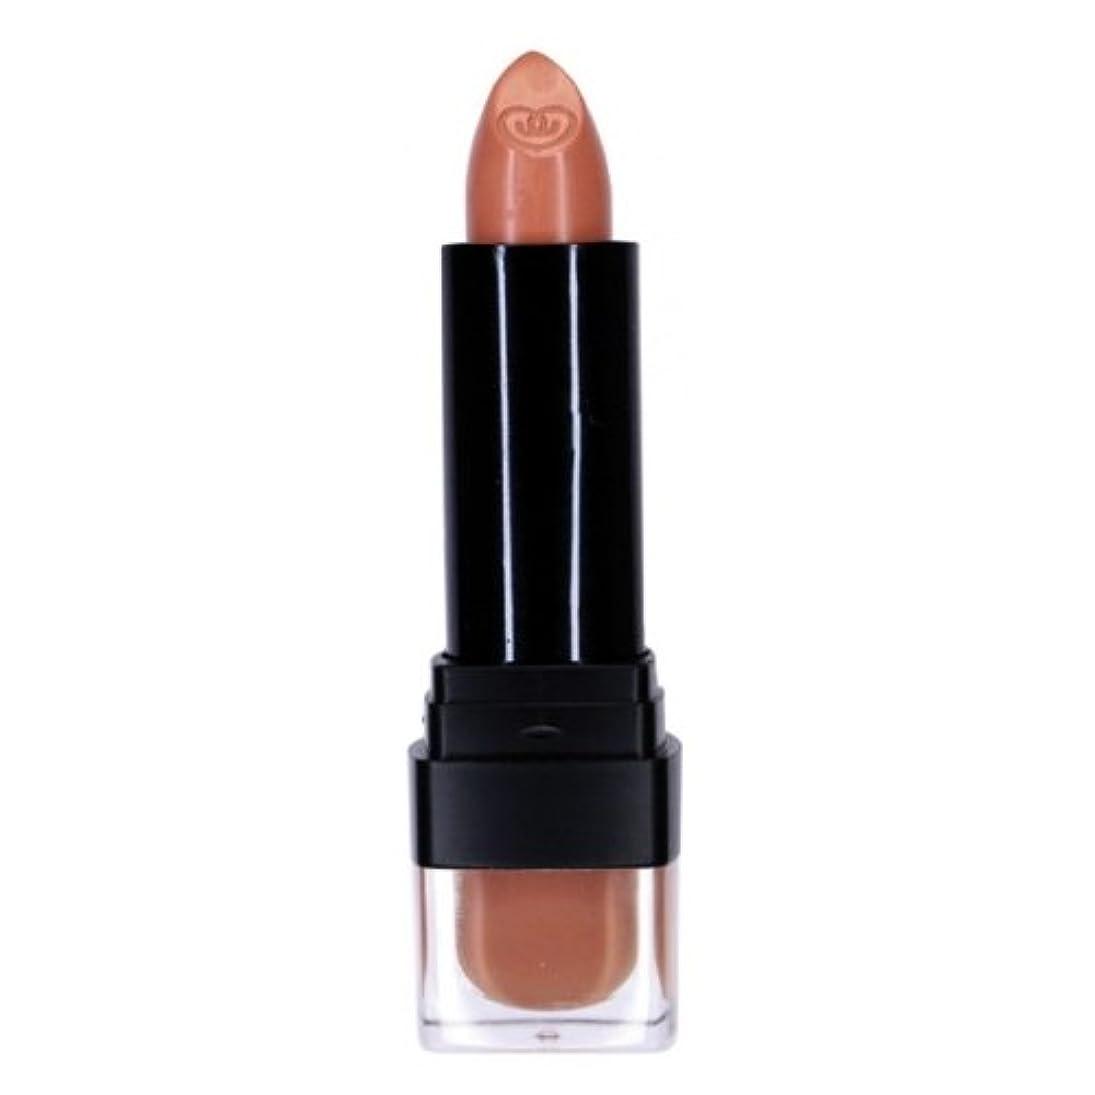 頑丈チューブすぐにCITY COLOR City Chick Lipstick - Bare With Me (並行輸入品)